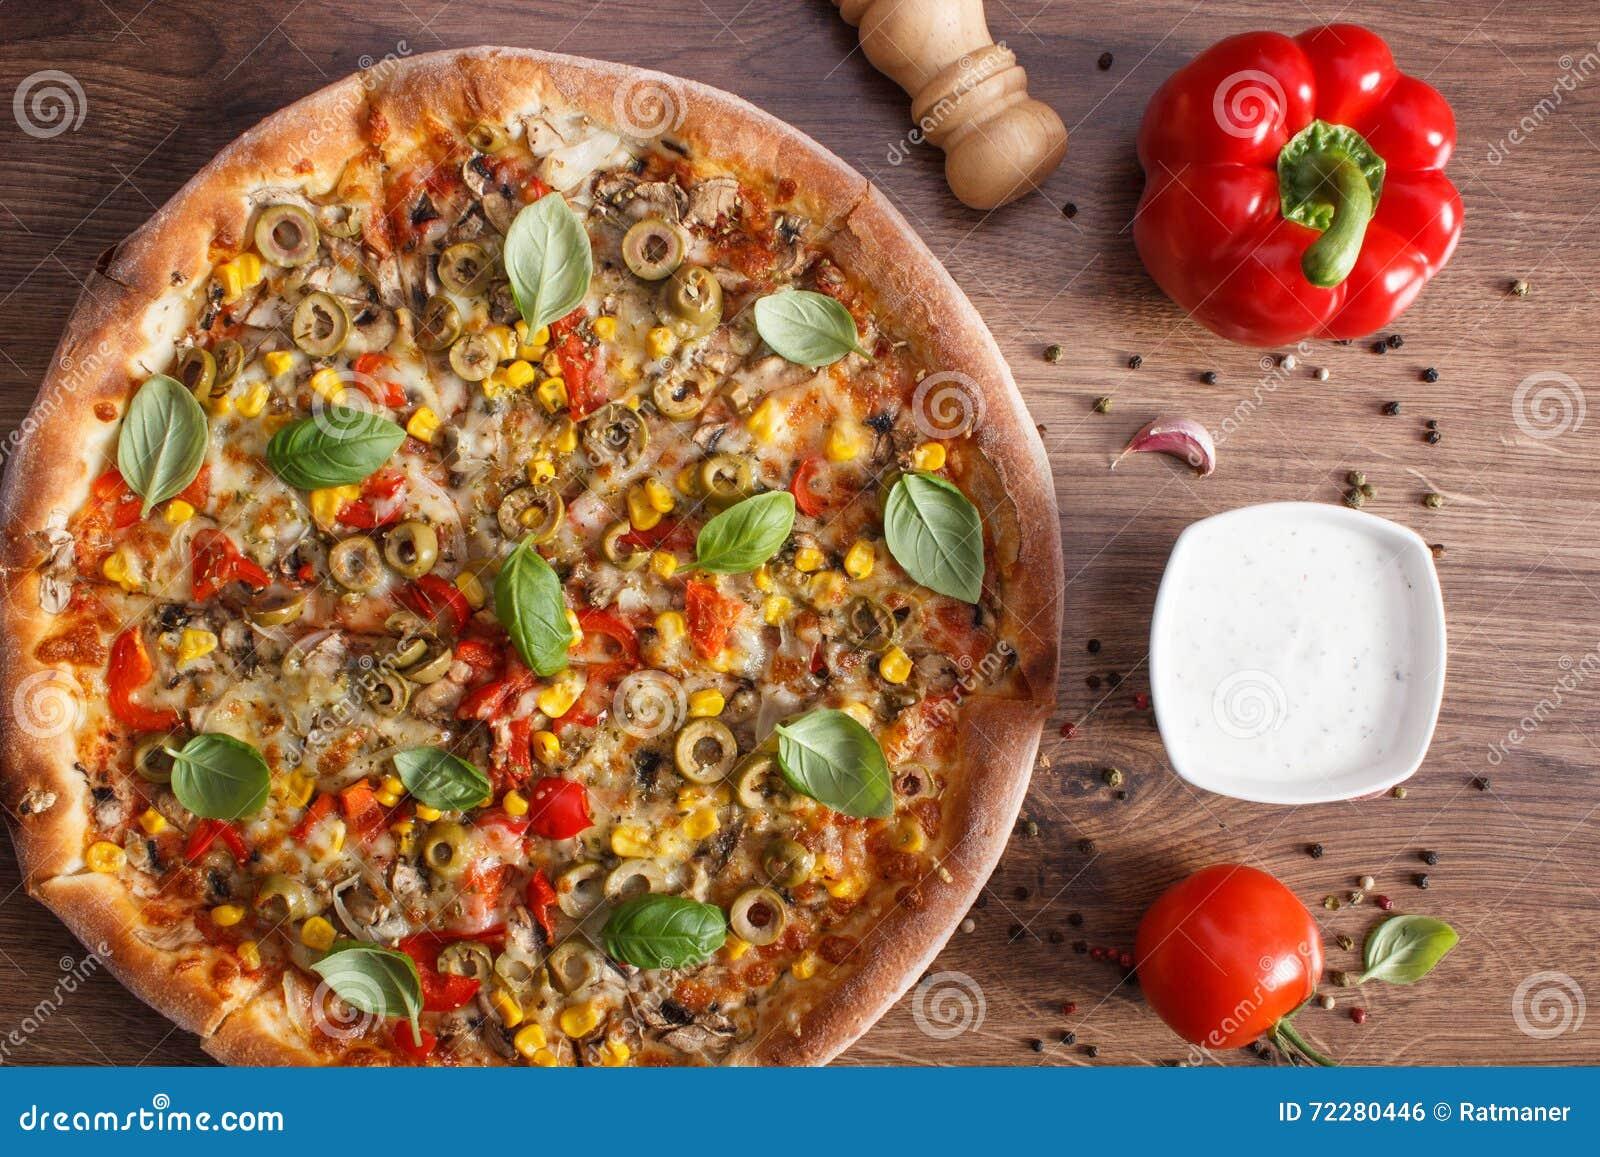 Download Вегетарианские пицца и ингридиенты с специями на деревенской деревянной предпосылке, фаст-фуде Стоковое Фото - изображение насчитывающей деревянно, маис: 72280446